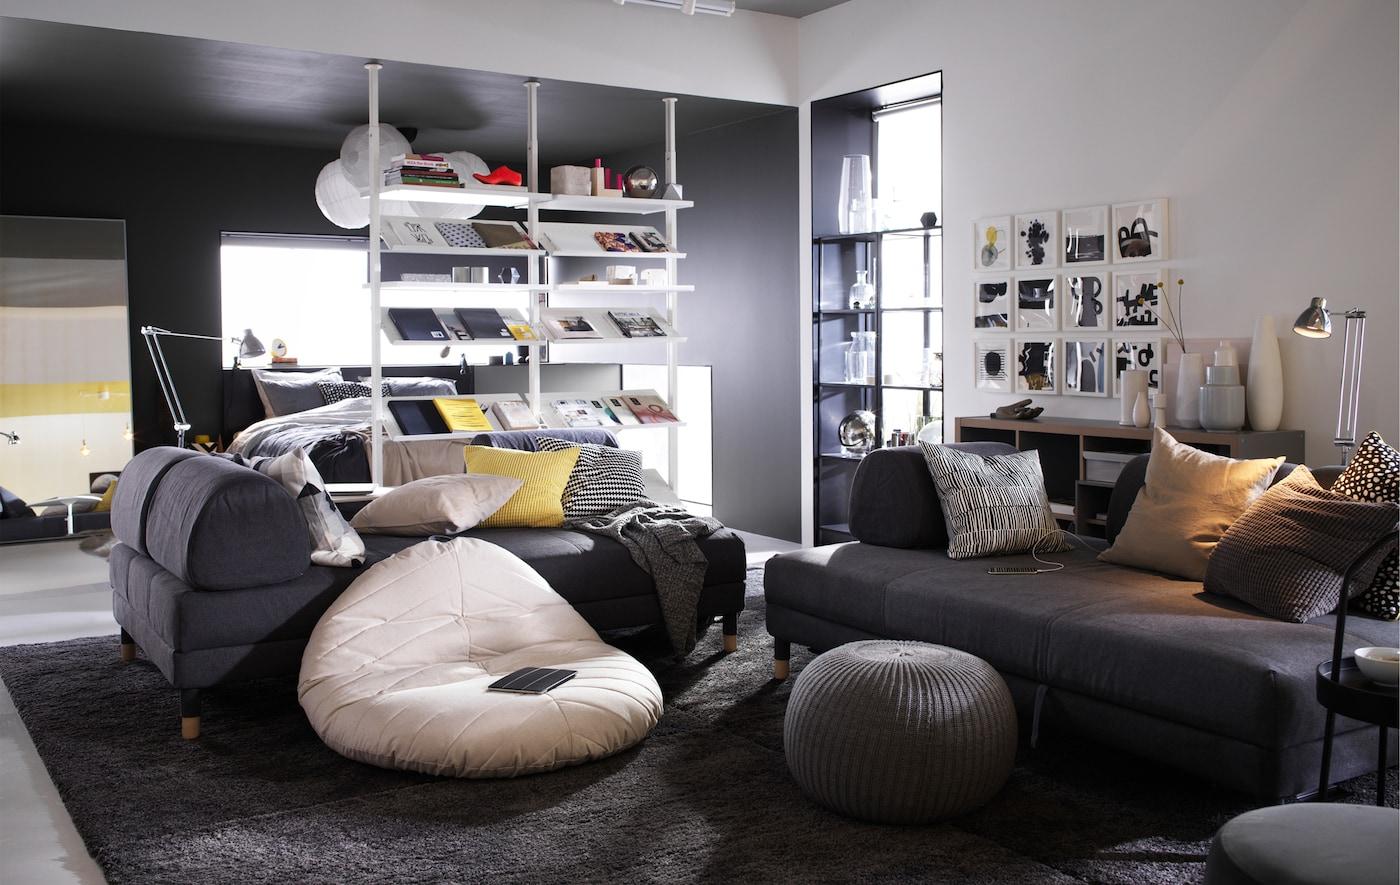 Un comodo pouf in soggiorno è la soluzione ideale quando servono posti extra. Prova il pouf in colore naturale DIHULT di IKEA